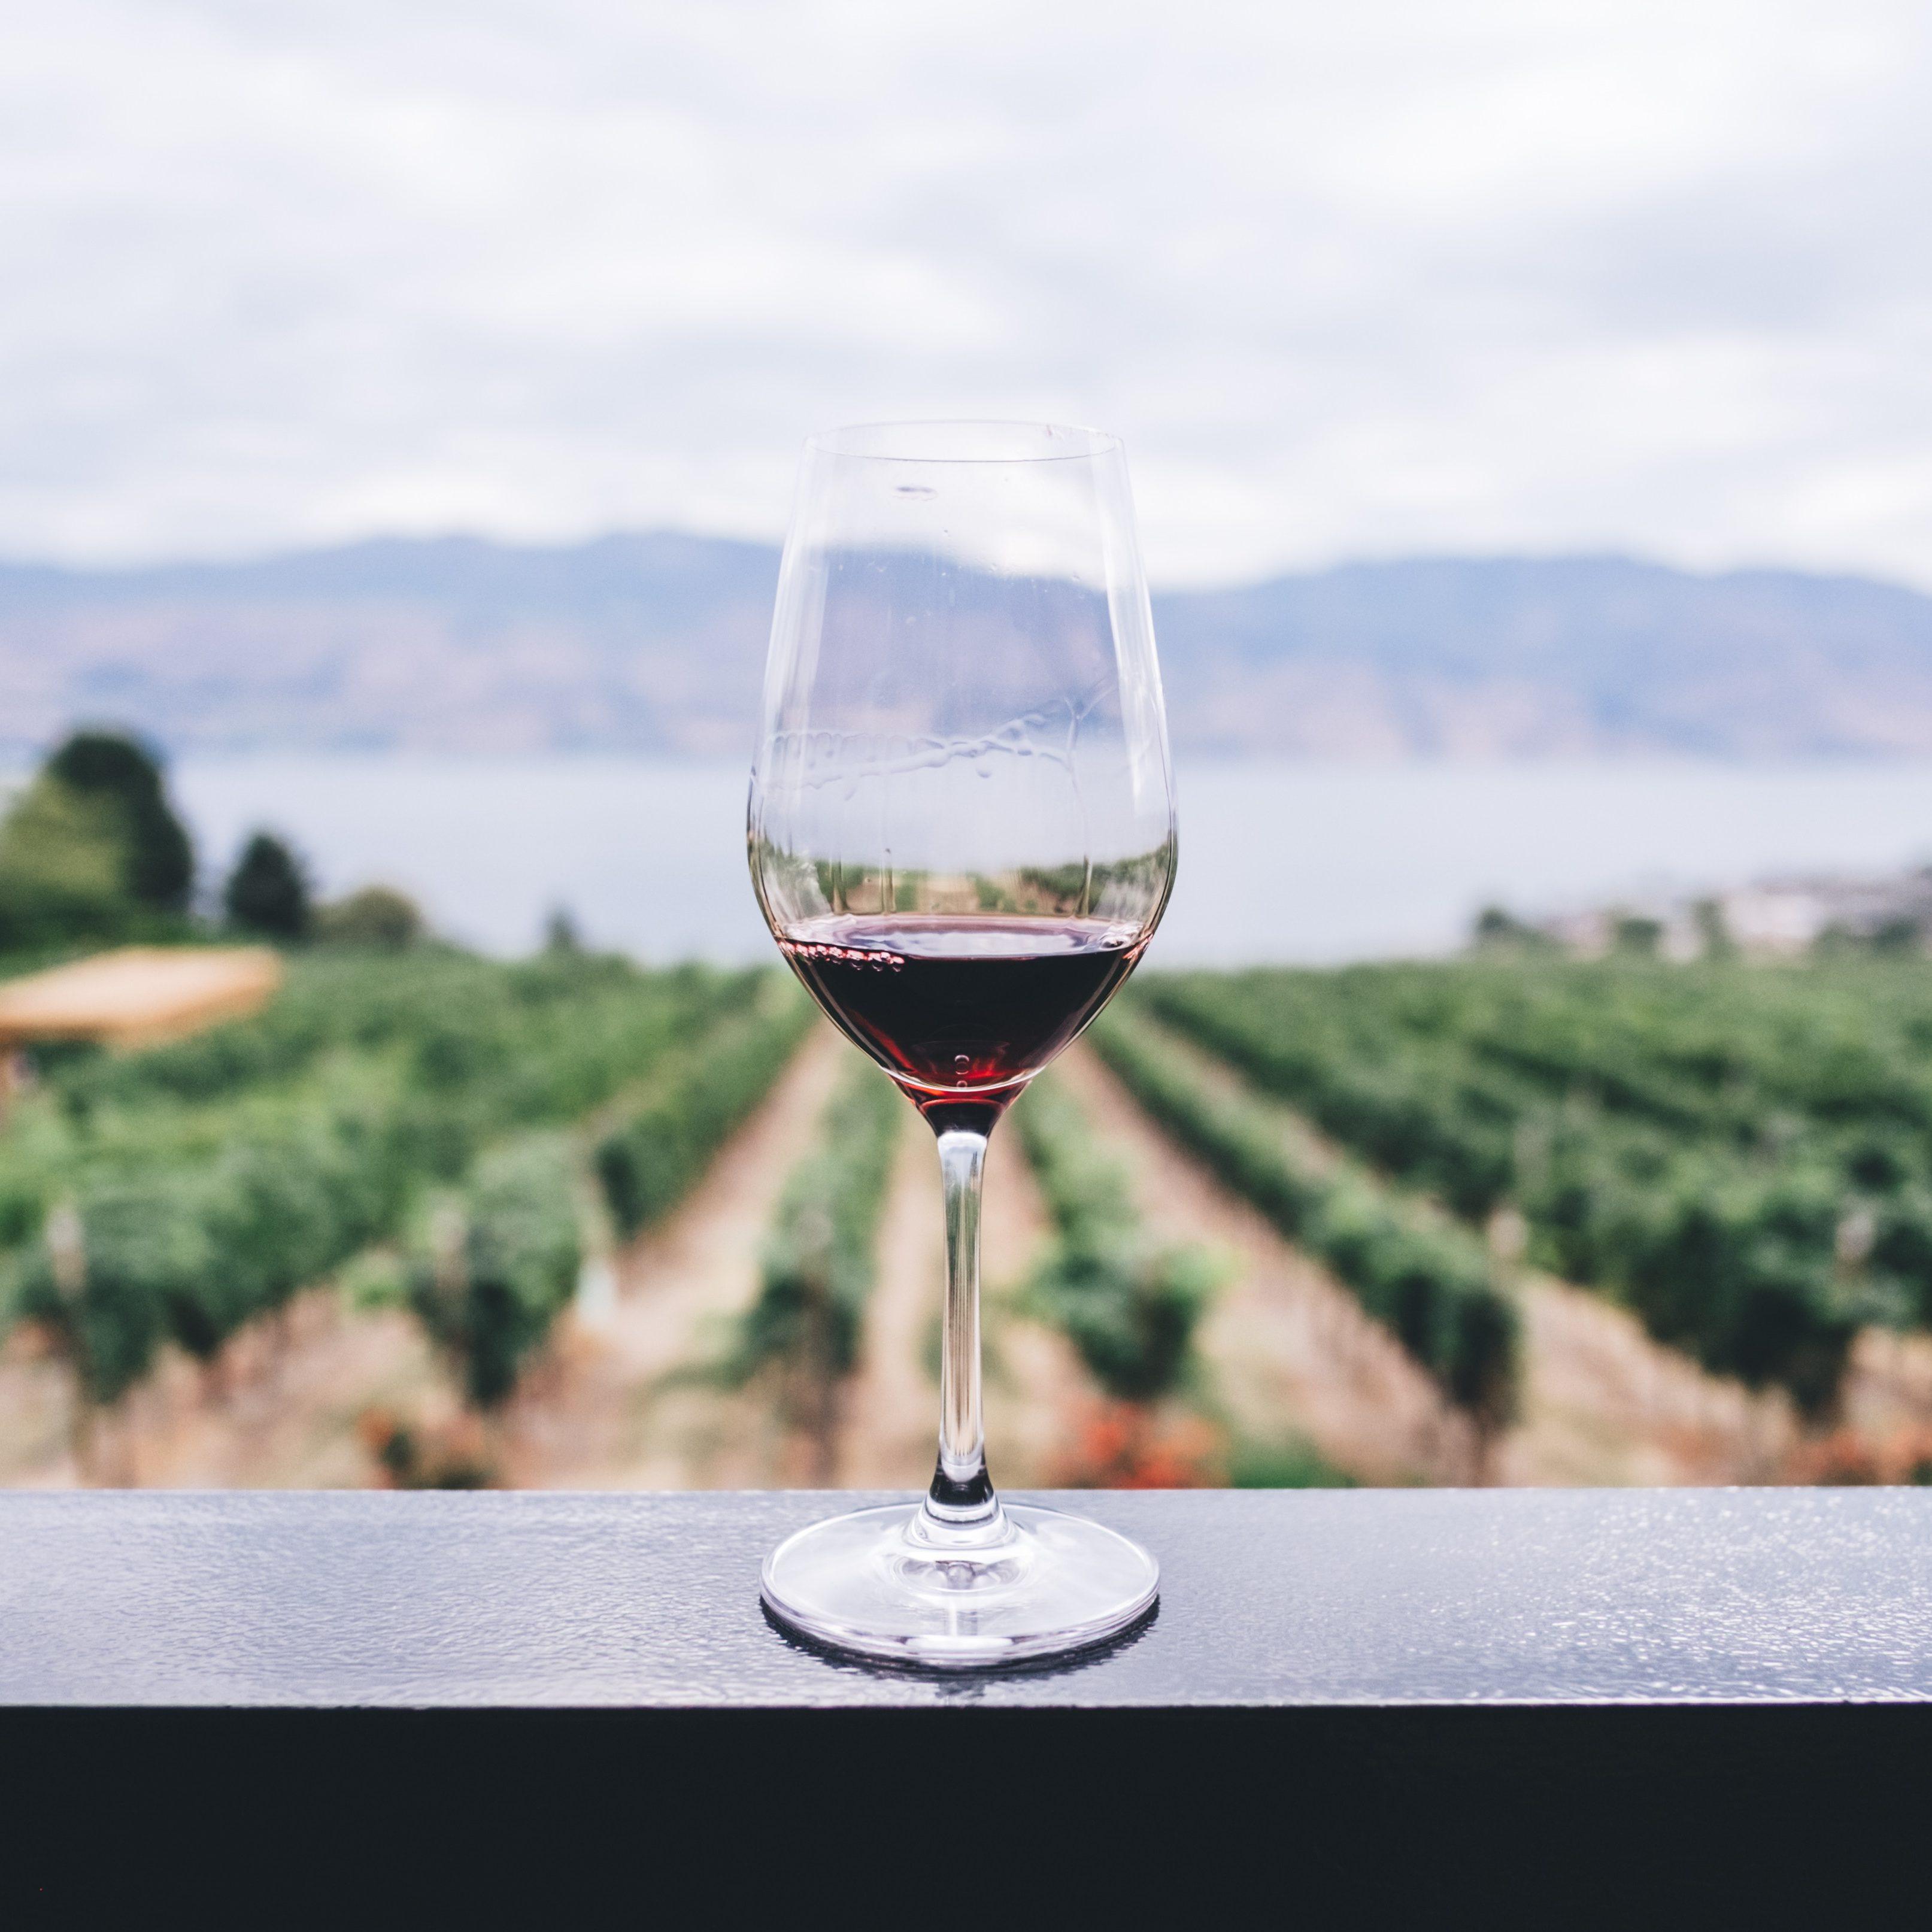 Weinglas, Rotwein vor Weinbergen in Südafrika